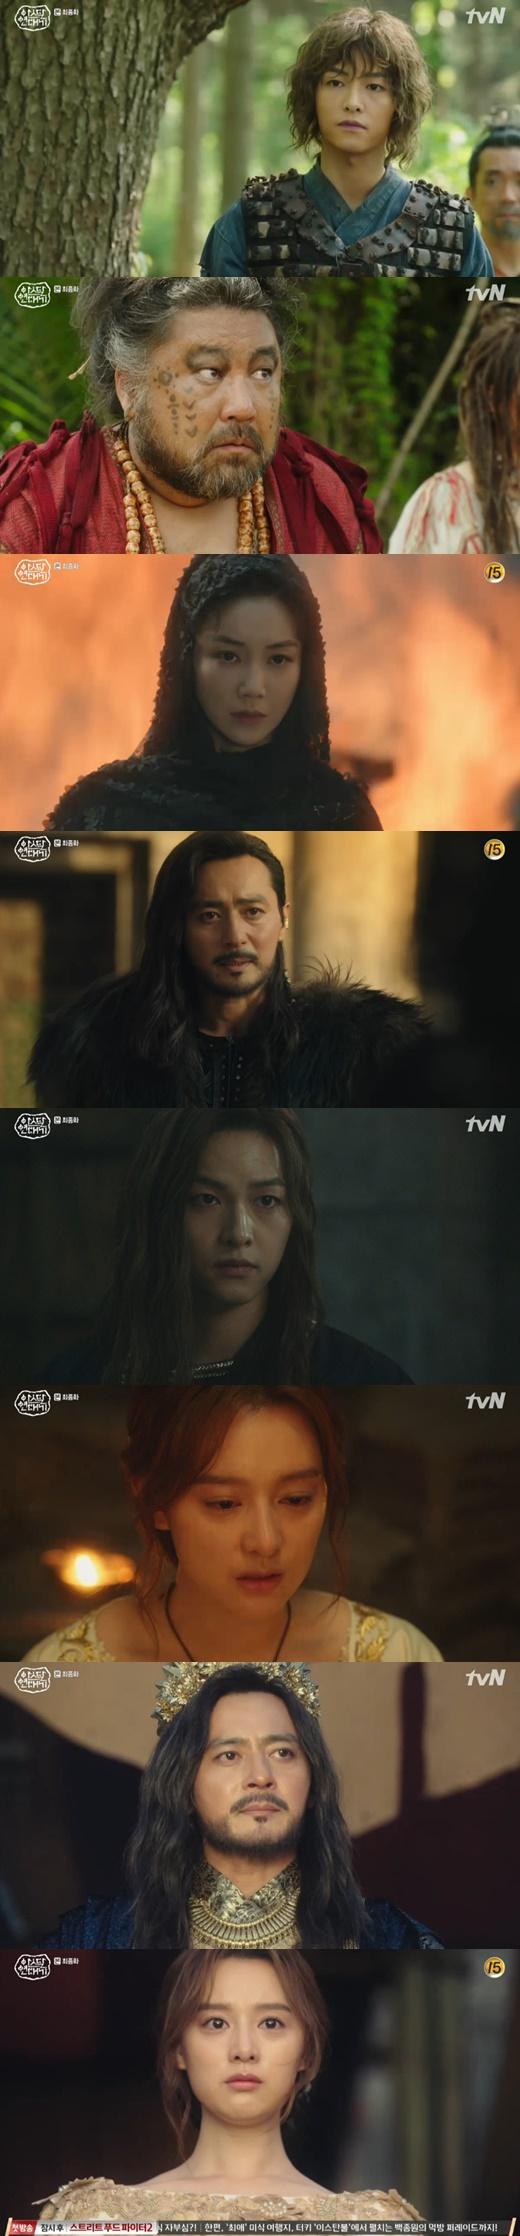 '아스달연대기' 시즌2 예고하며 종영…은섬 이나이신기·타곤은 왕됐다 [MD리뷰]